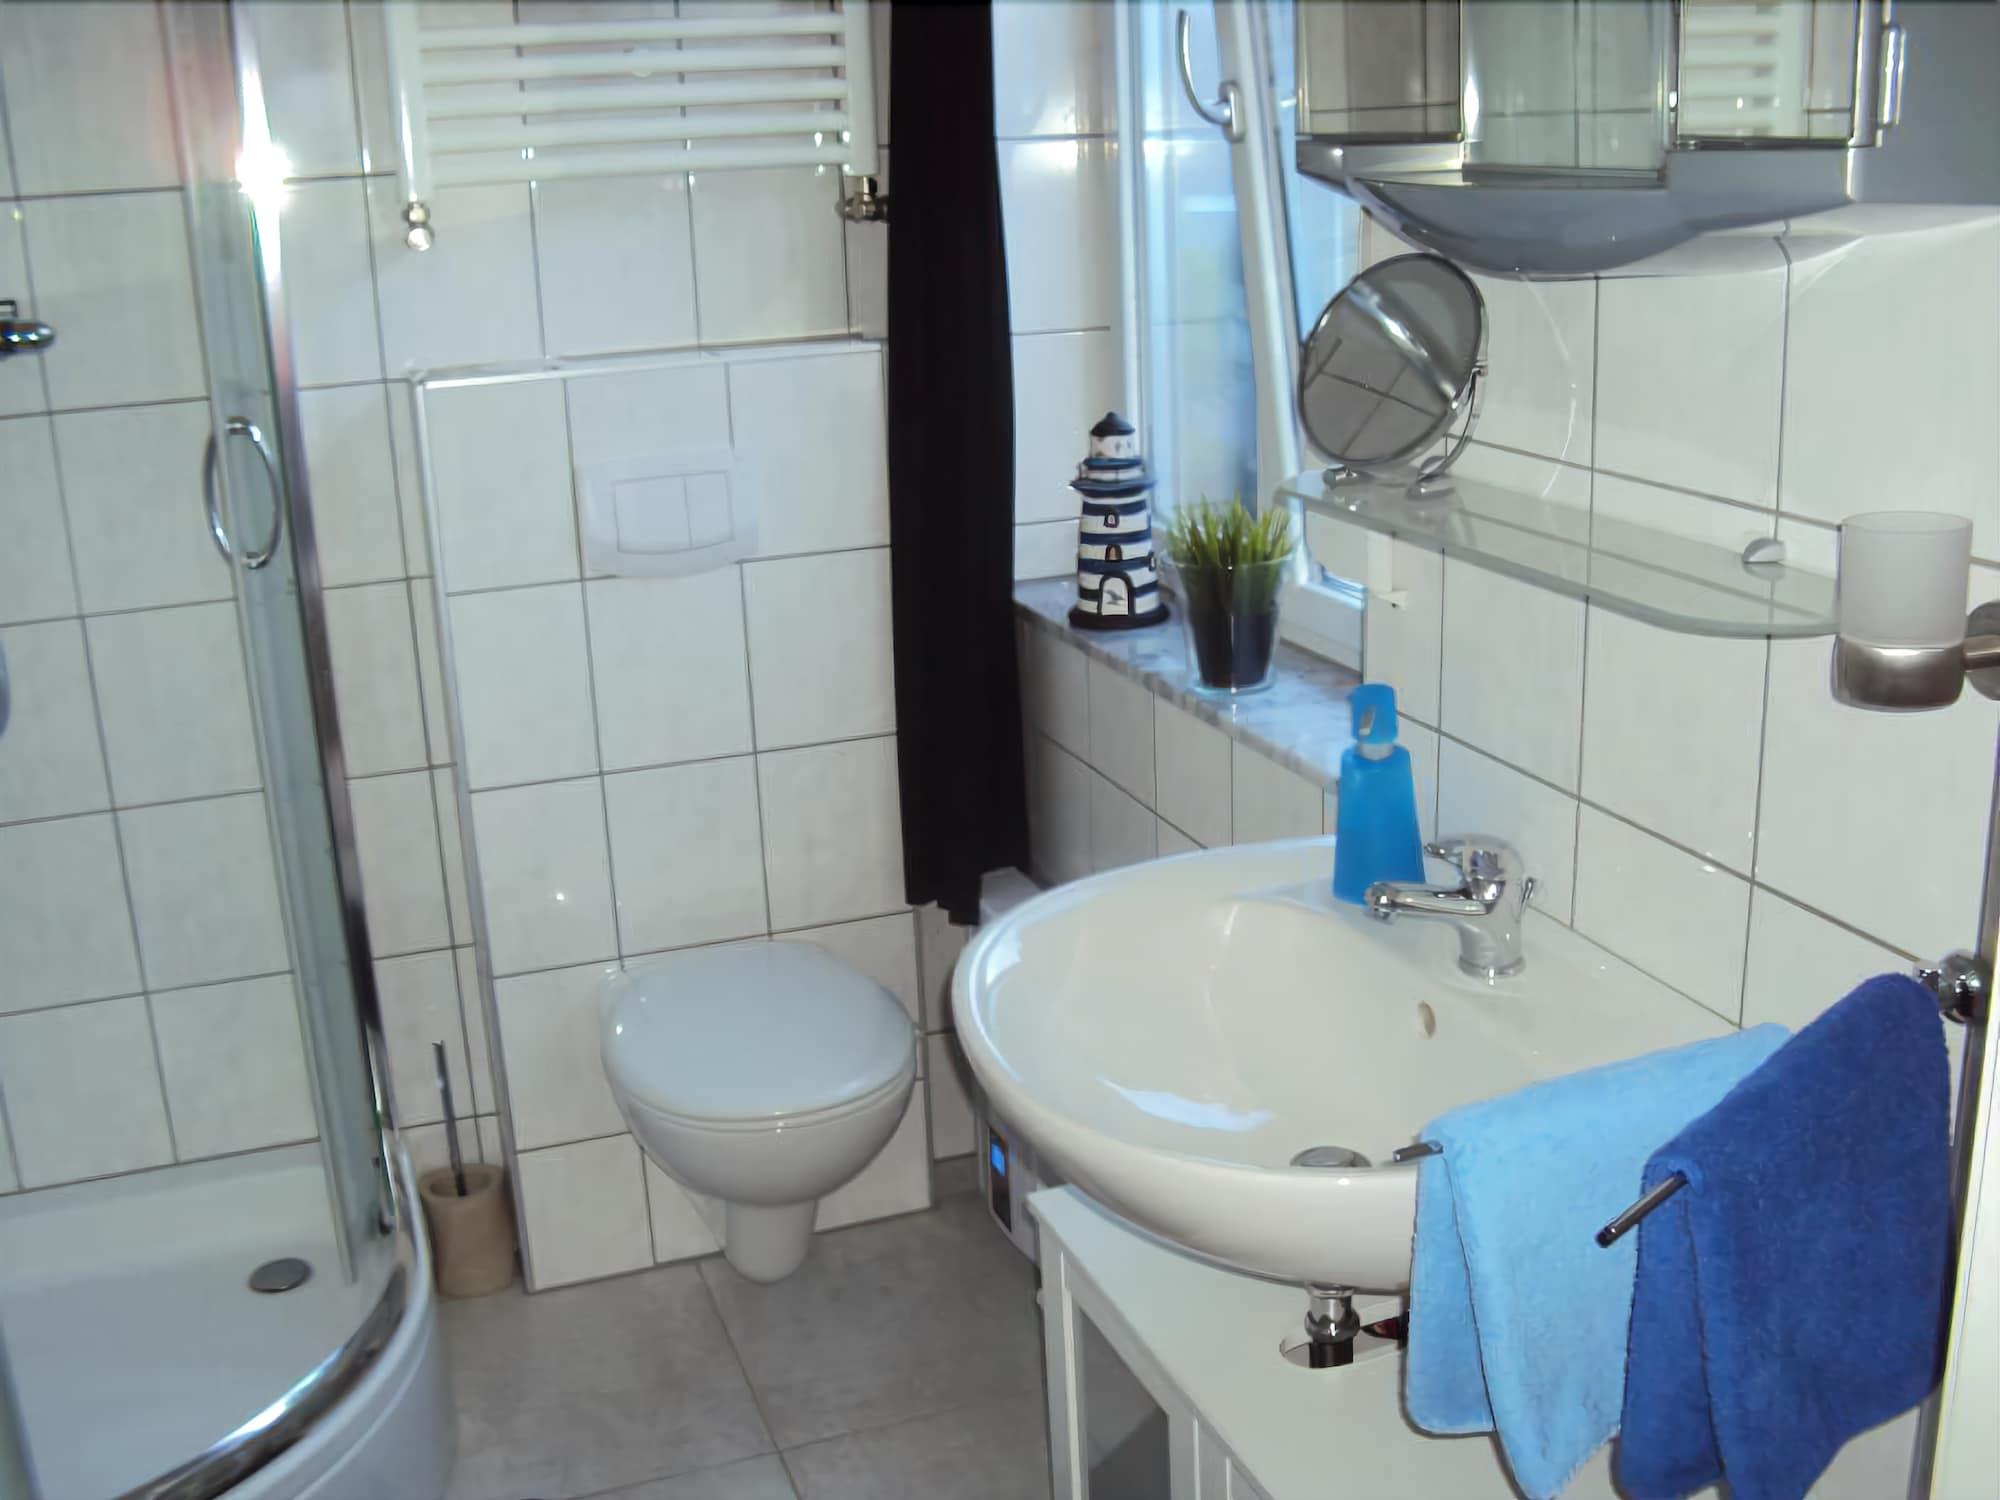 Apartments Reutlinger Strasse, Diepholz